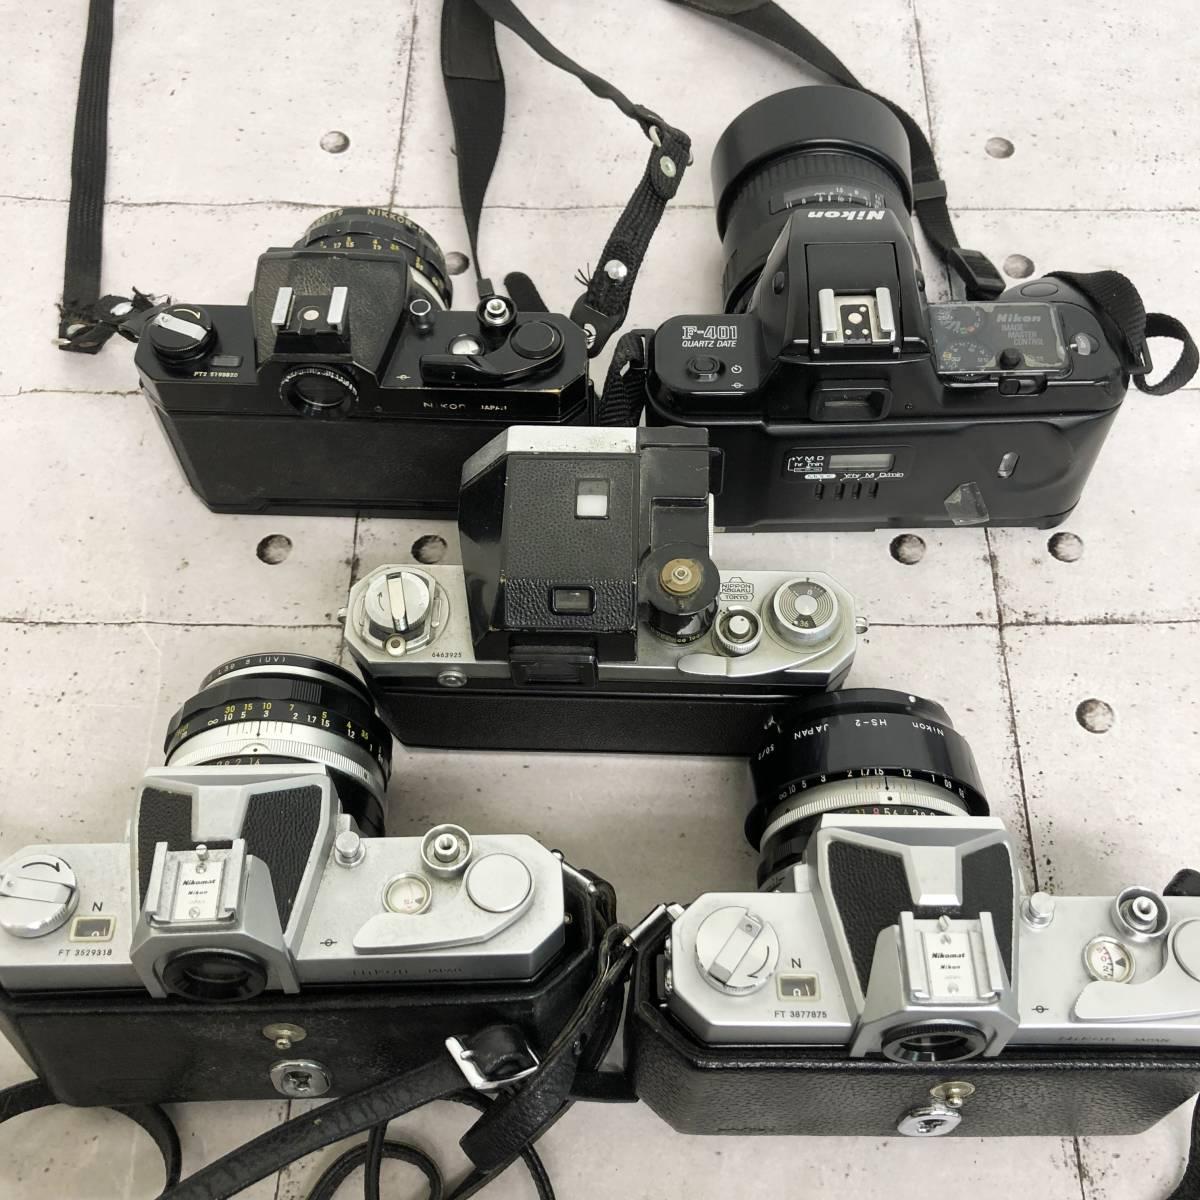 ニコン ニコマット カメラ 5台セット(ニコマット×2台・ニコンF・ニコン F-401)動作未確認 ジャンク品_画像7